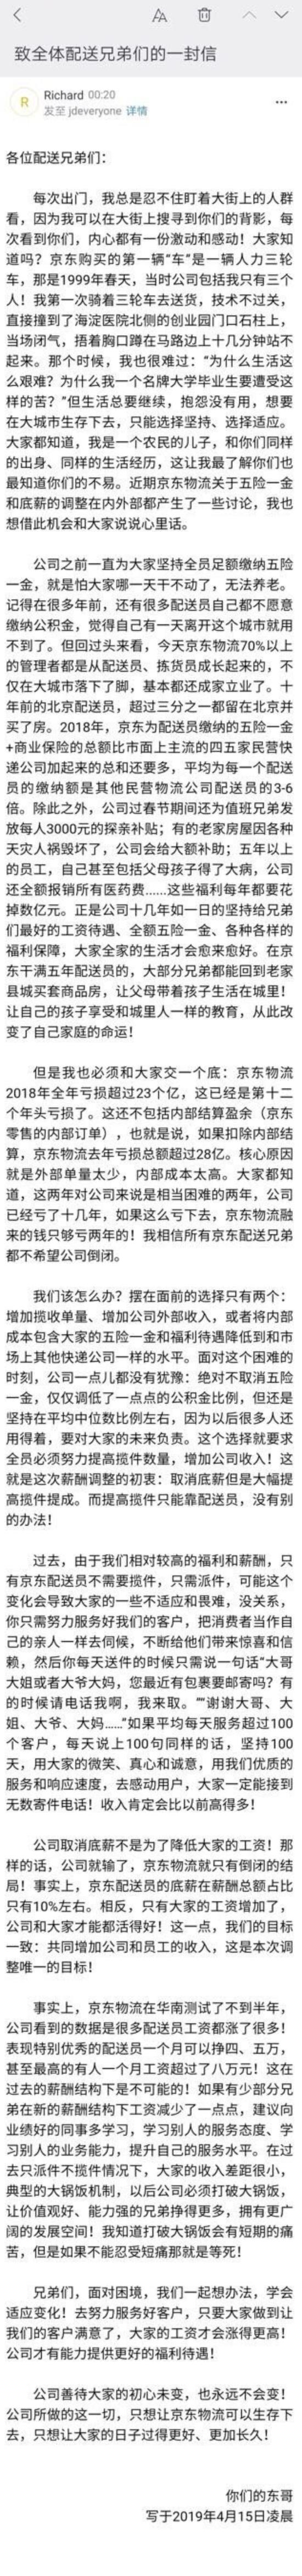 刘强东发邮件谈配送员薪资调整:为了京东物流活下去